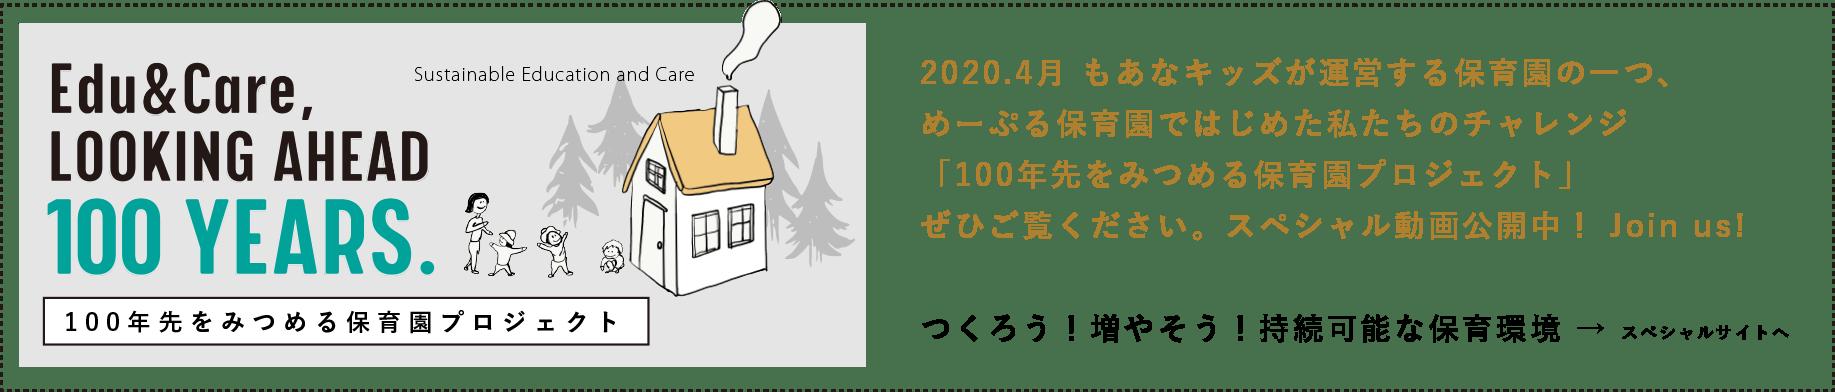 100年先をみつめる保育園プロジェクト  2020.4月 めーぷる保育園ではじめた私たちのチャレンジ スペシャル動画公開中